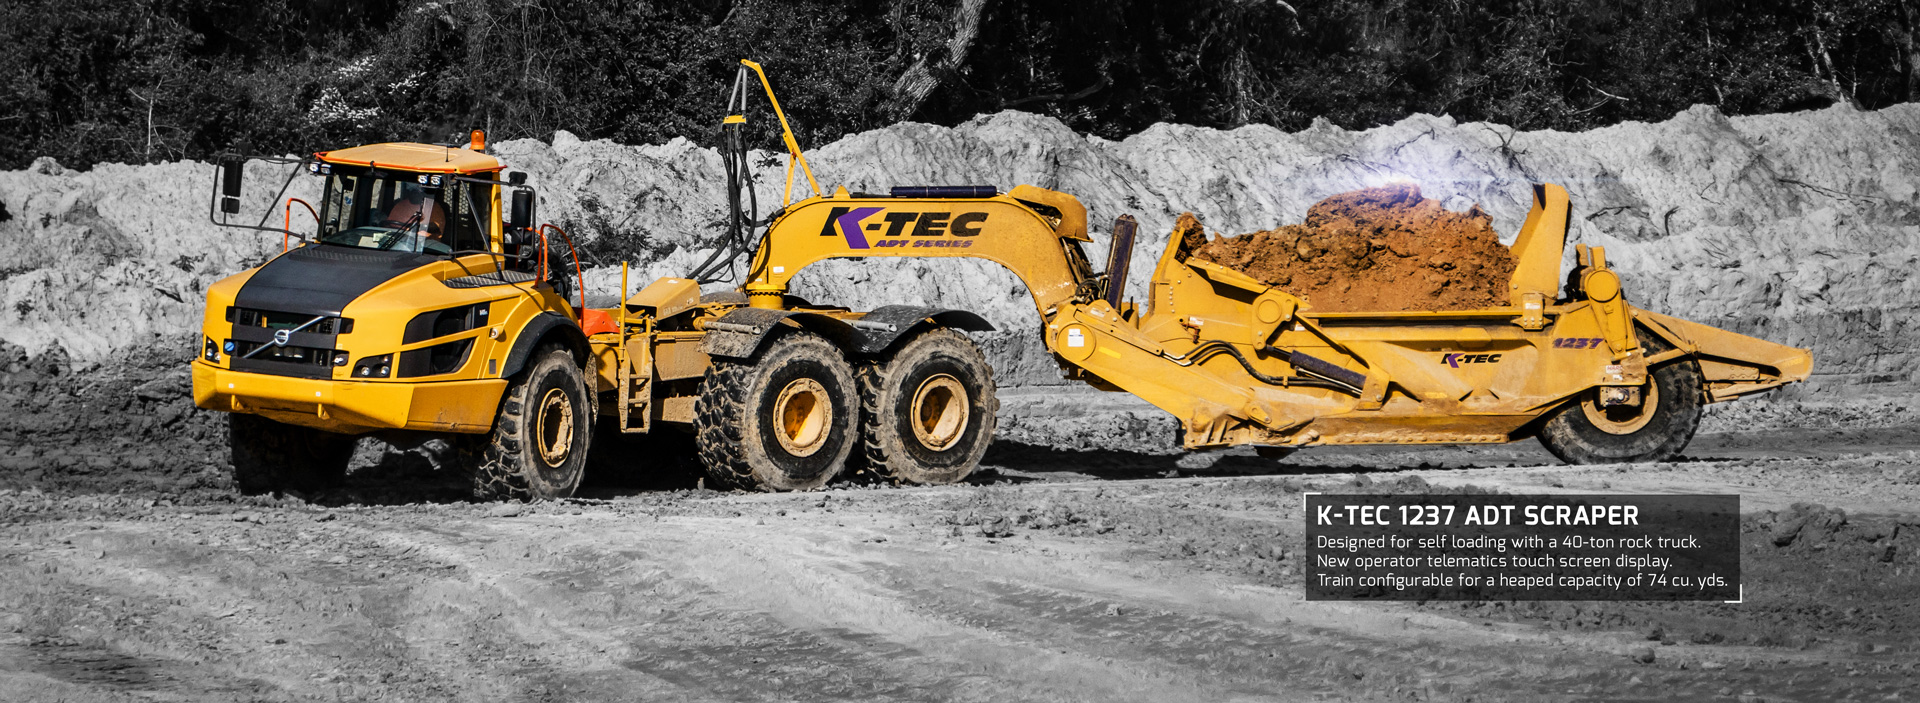 K-Tec - Efficient Earthmoving Scraper Solutions | K-Tec